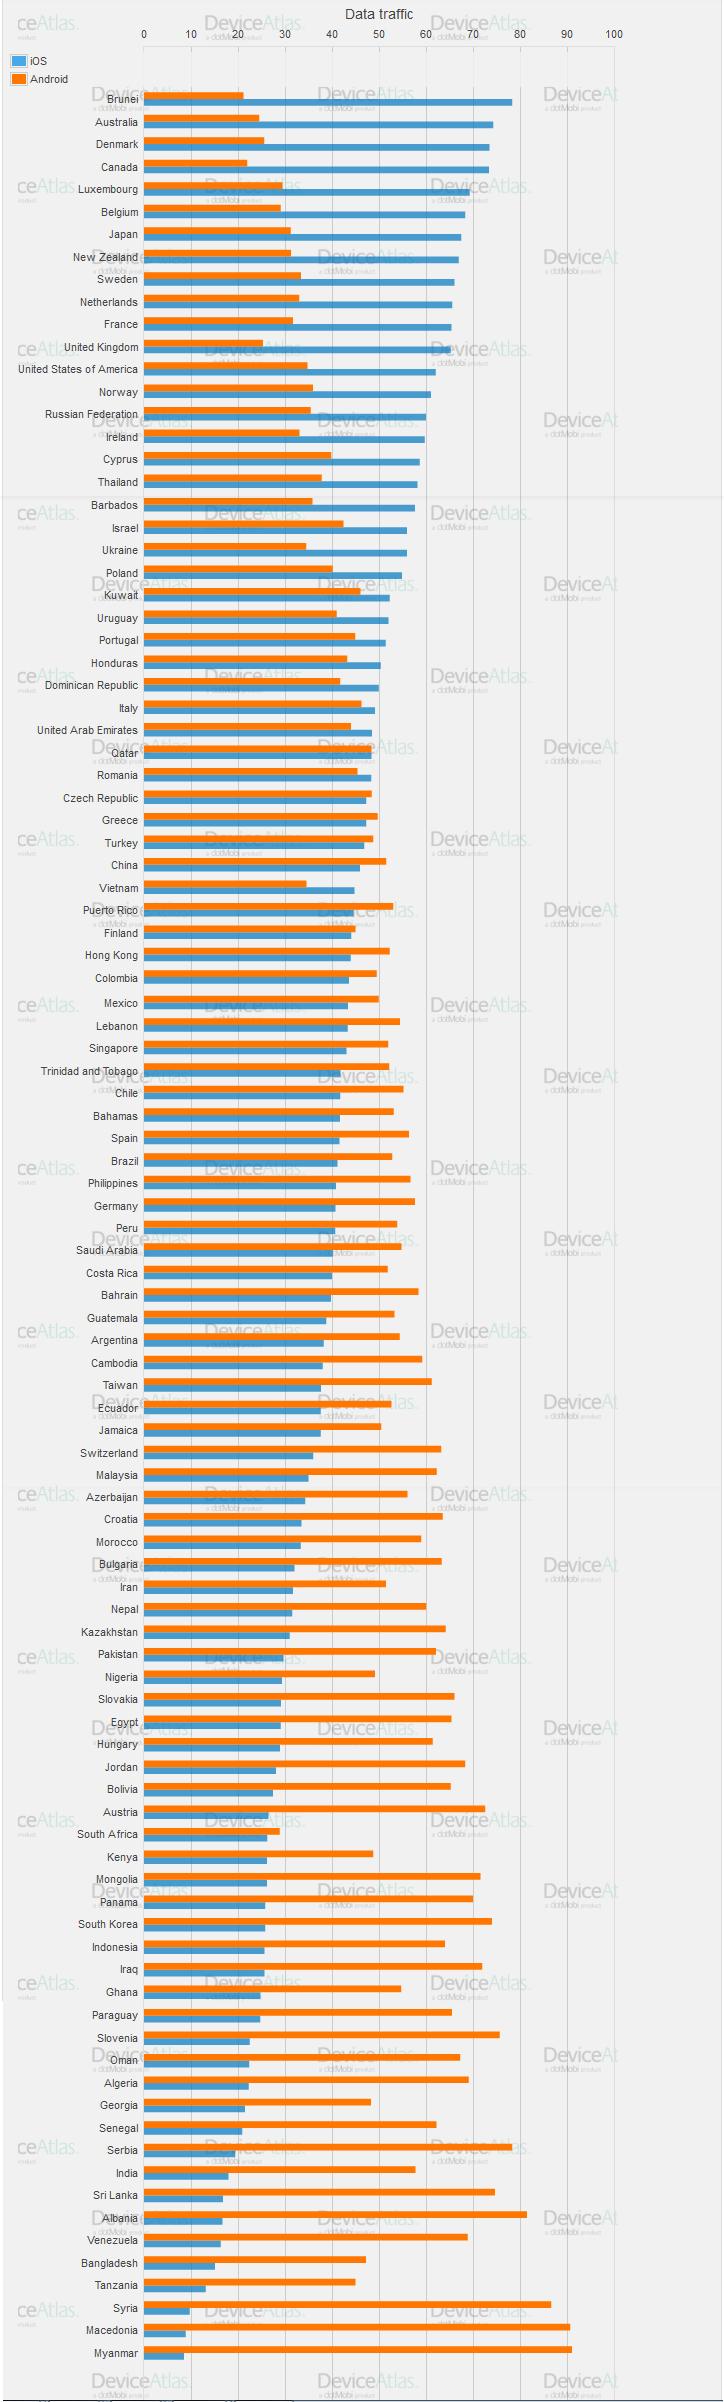 Infografika-dotMobi-rozšírenie-Androidu-a-iOS-vo-svete-b